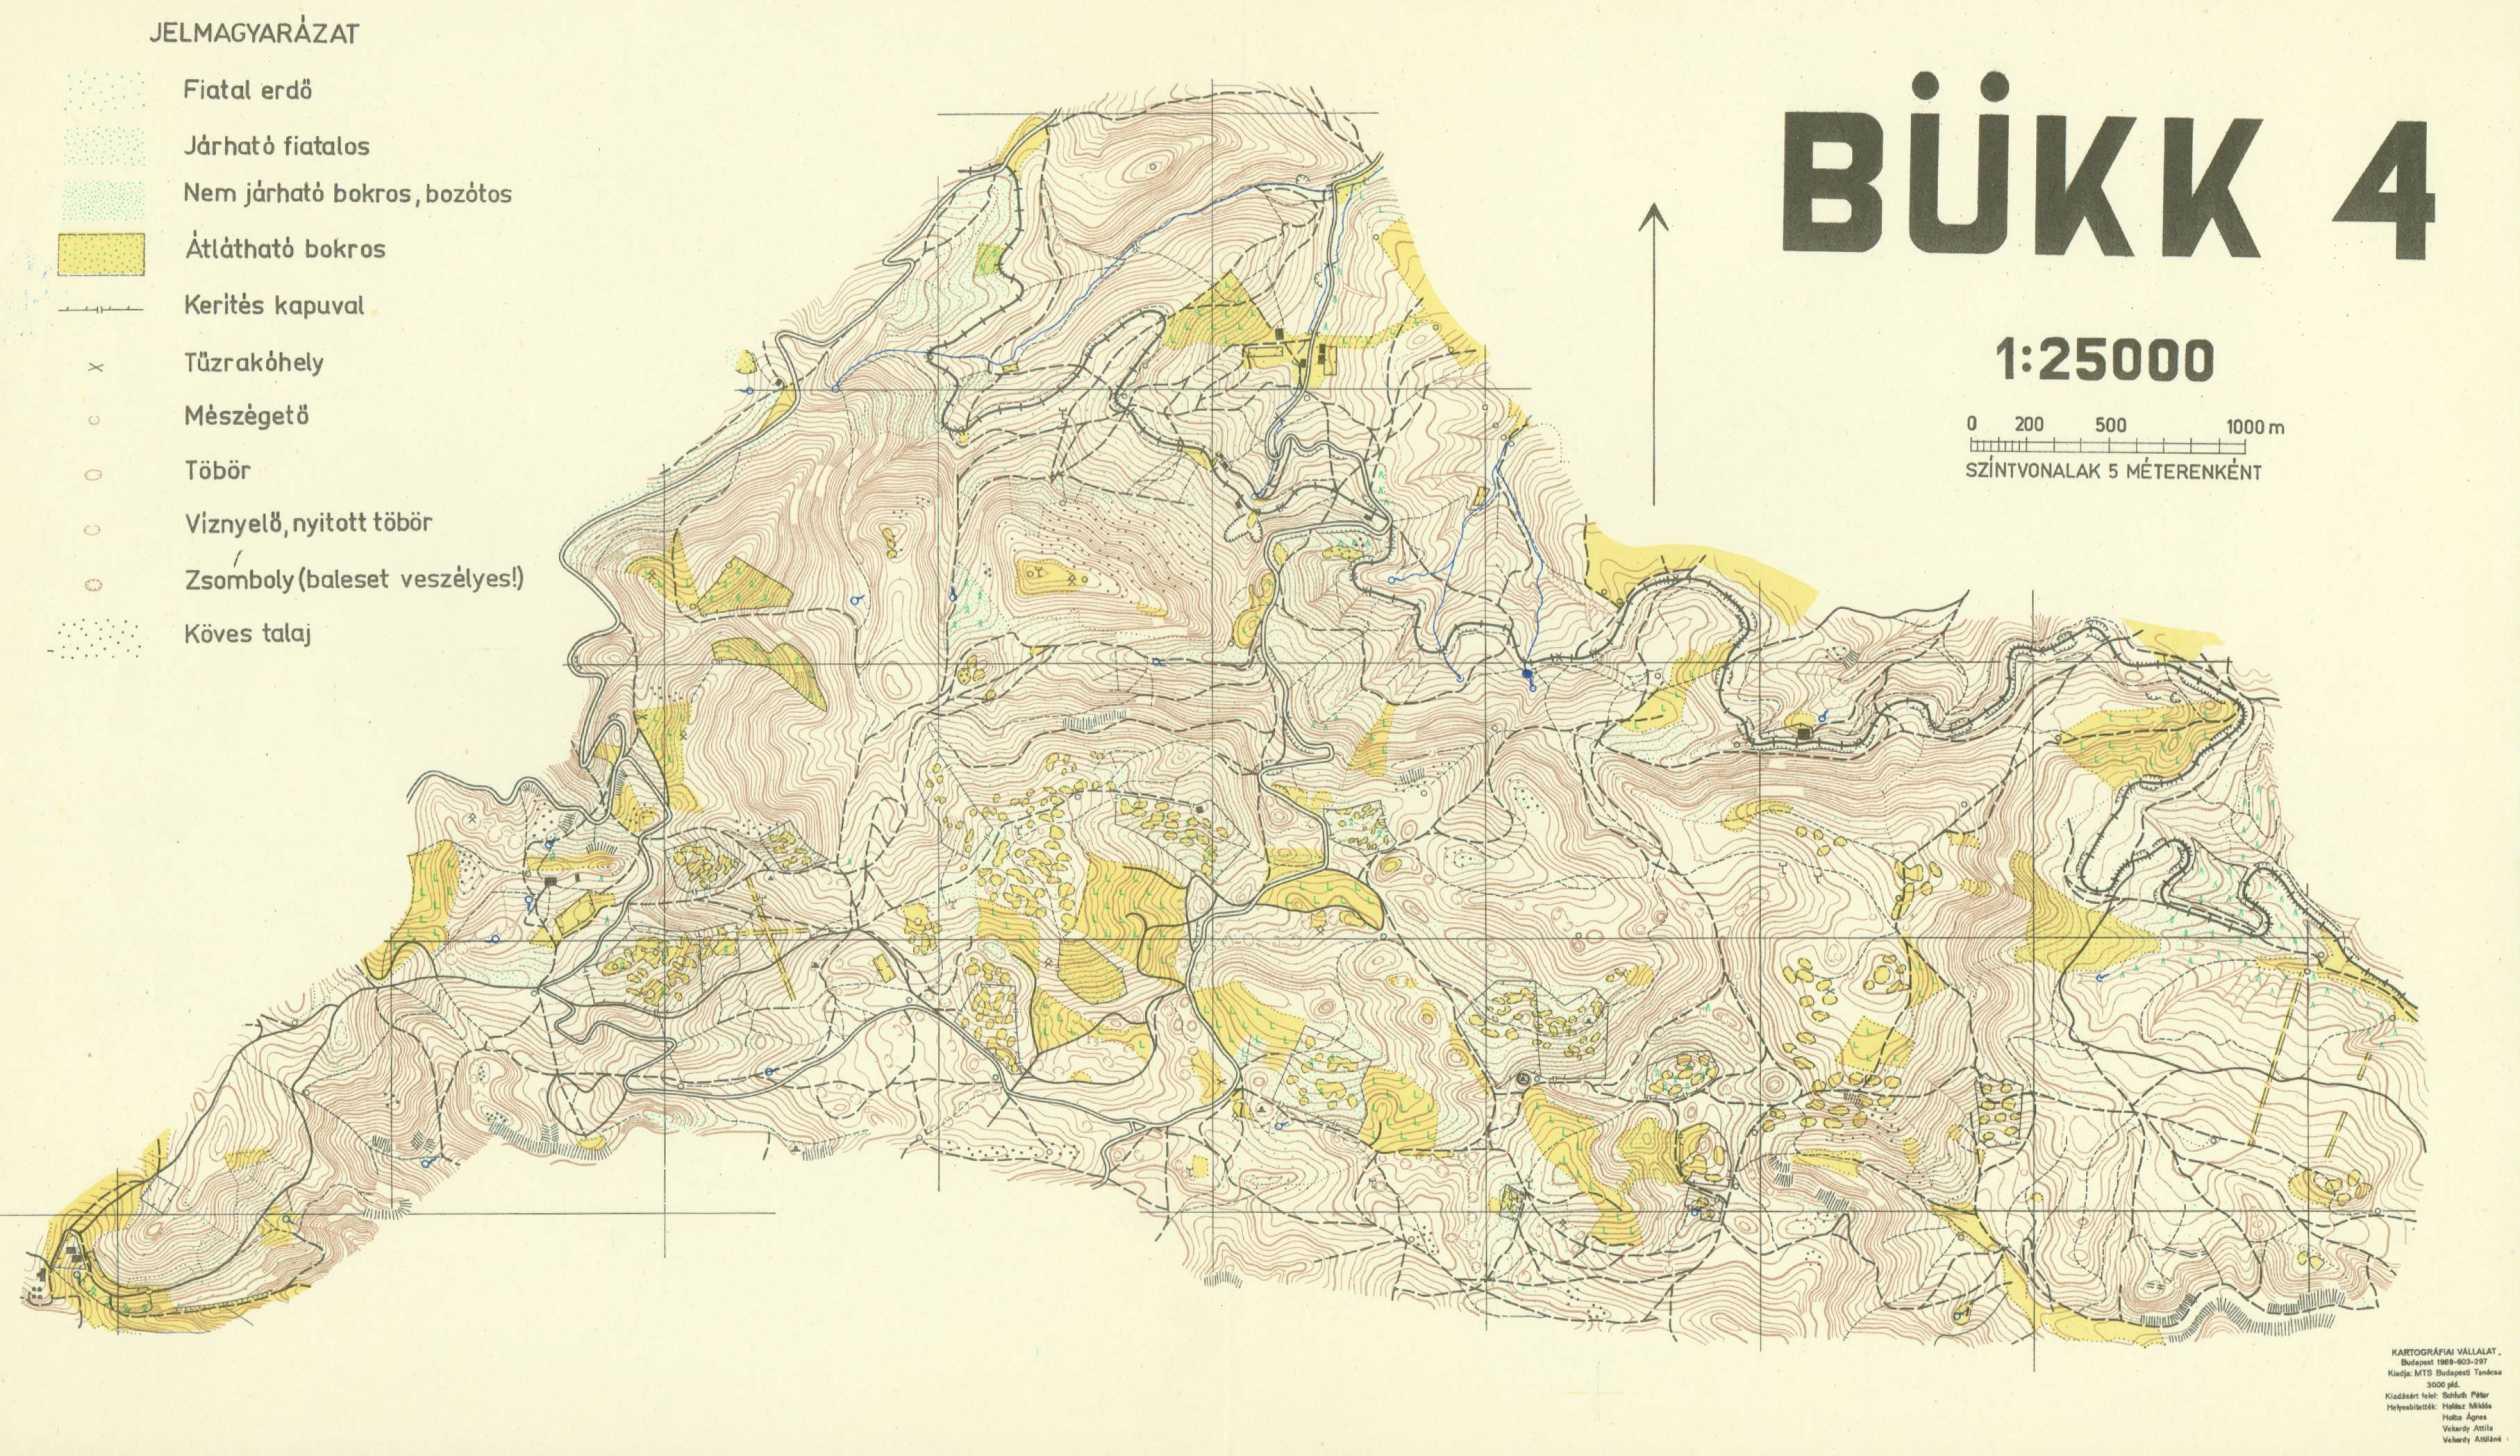 bükk domborzati térkép Vereszki Tibor: A tájékozódási futó térképek története (2001) bükk domborzati térkép